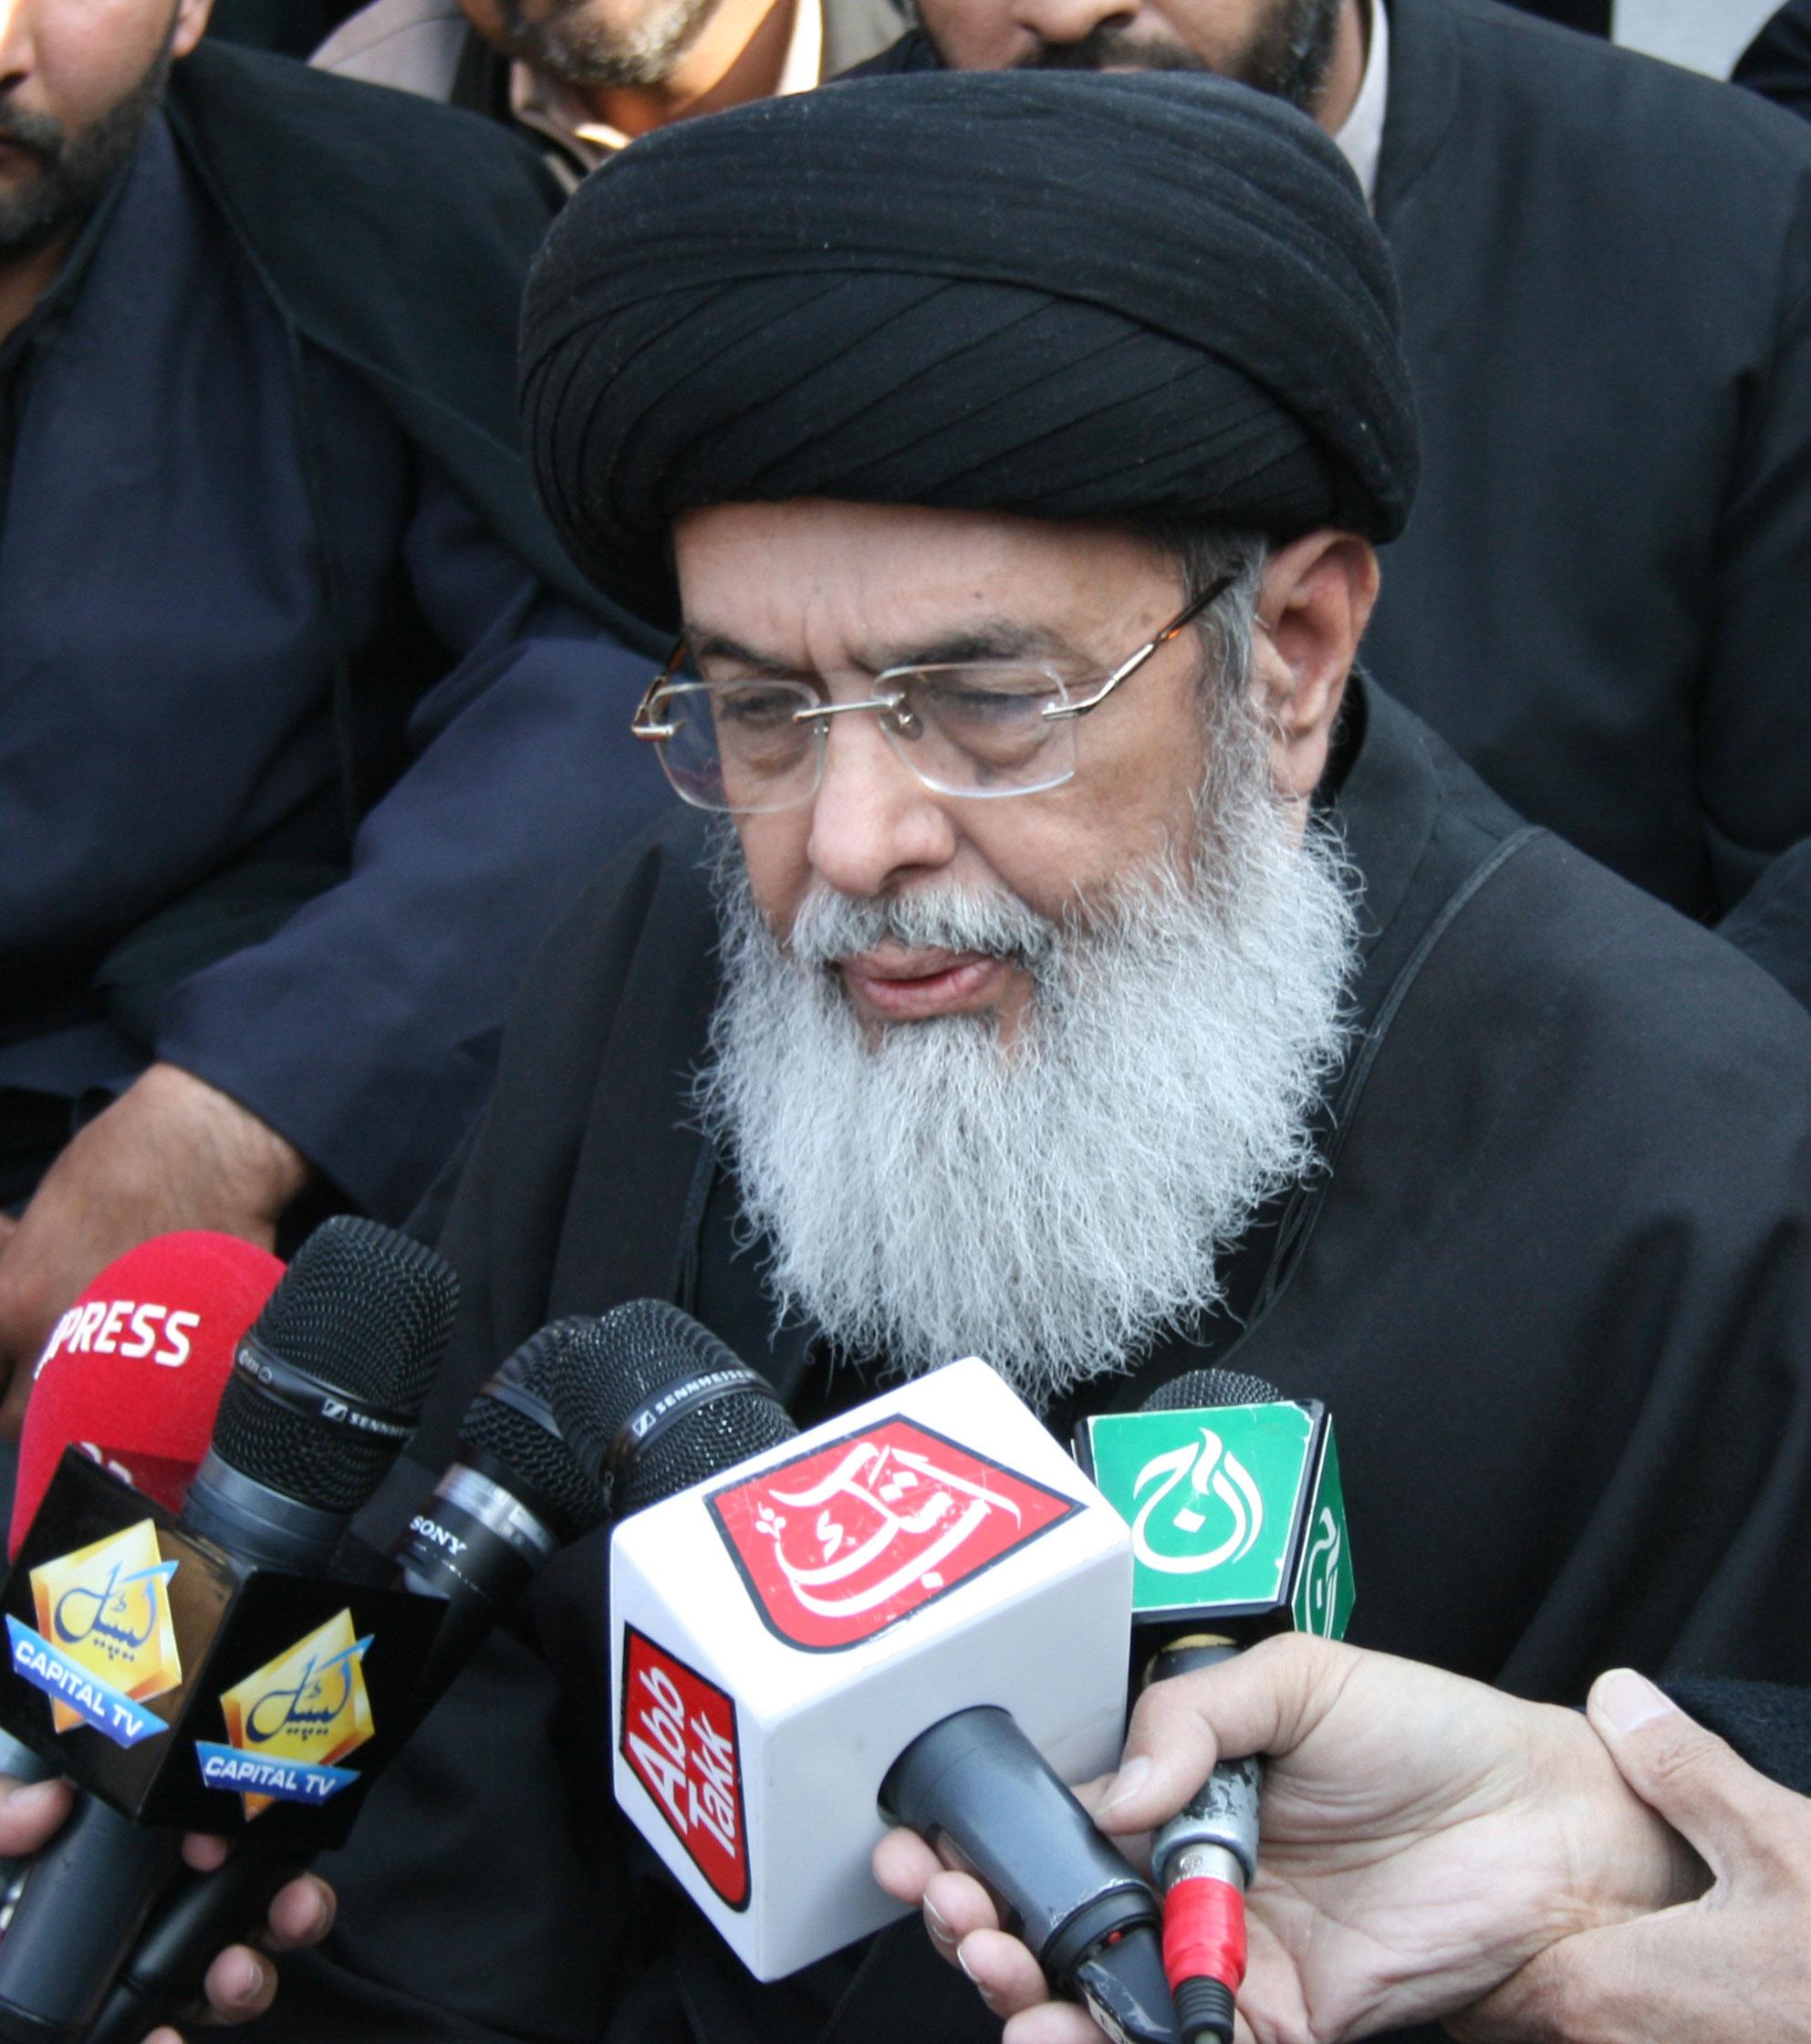 عید الفطر رحمتوں،برکتوں اور نعمتوں کا پیغام ہے دہشت گردوں نے ایک بار پھر قوم کو سوگوار کر دیا ،آغا حامد موسوی